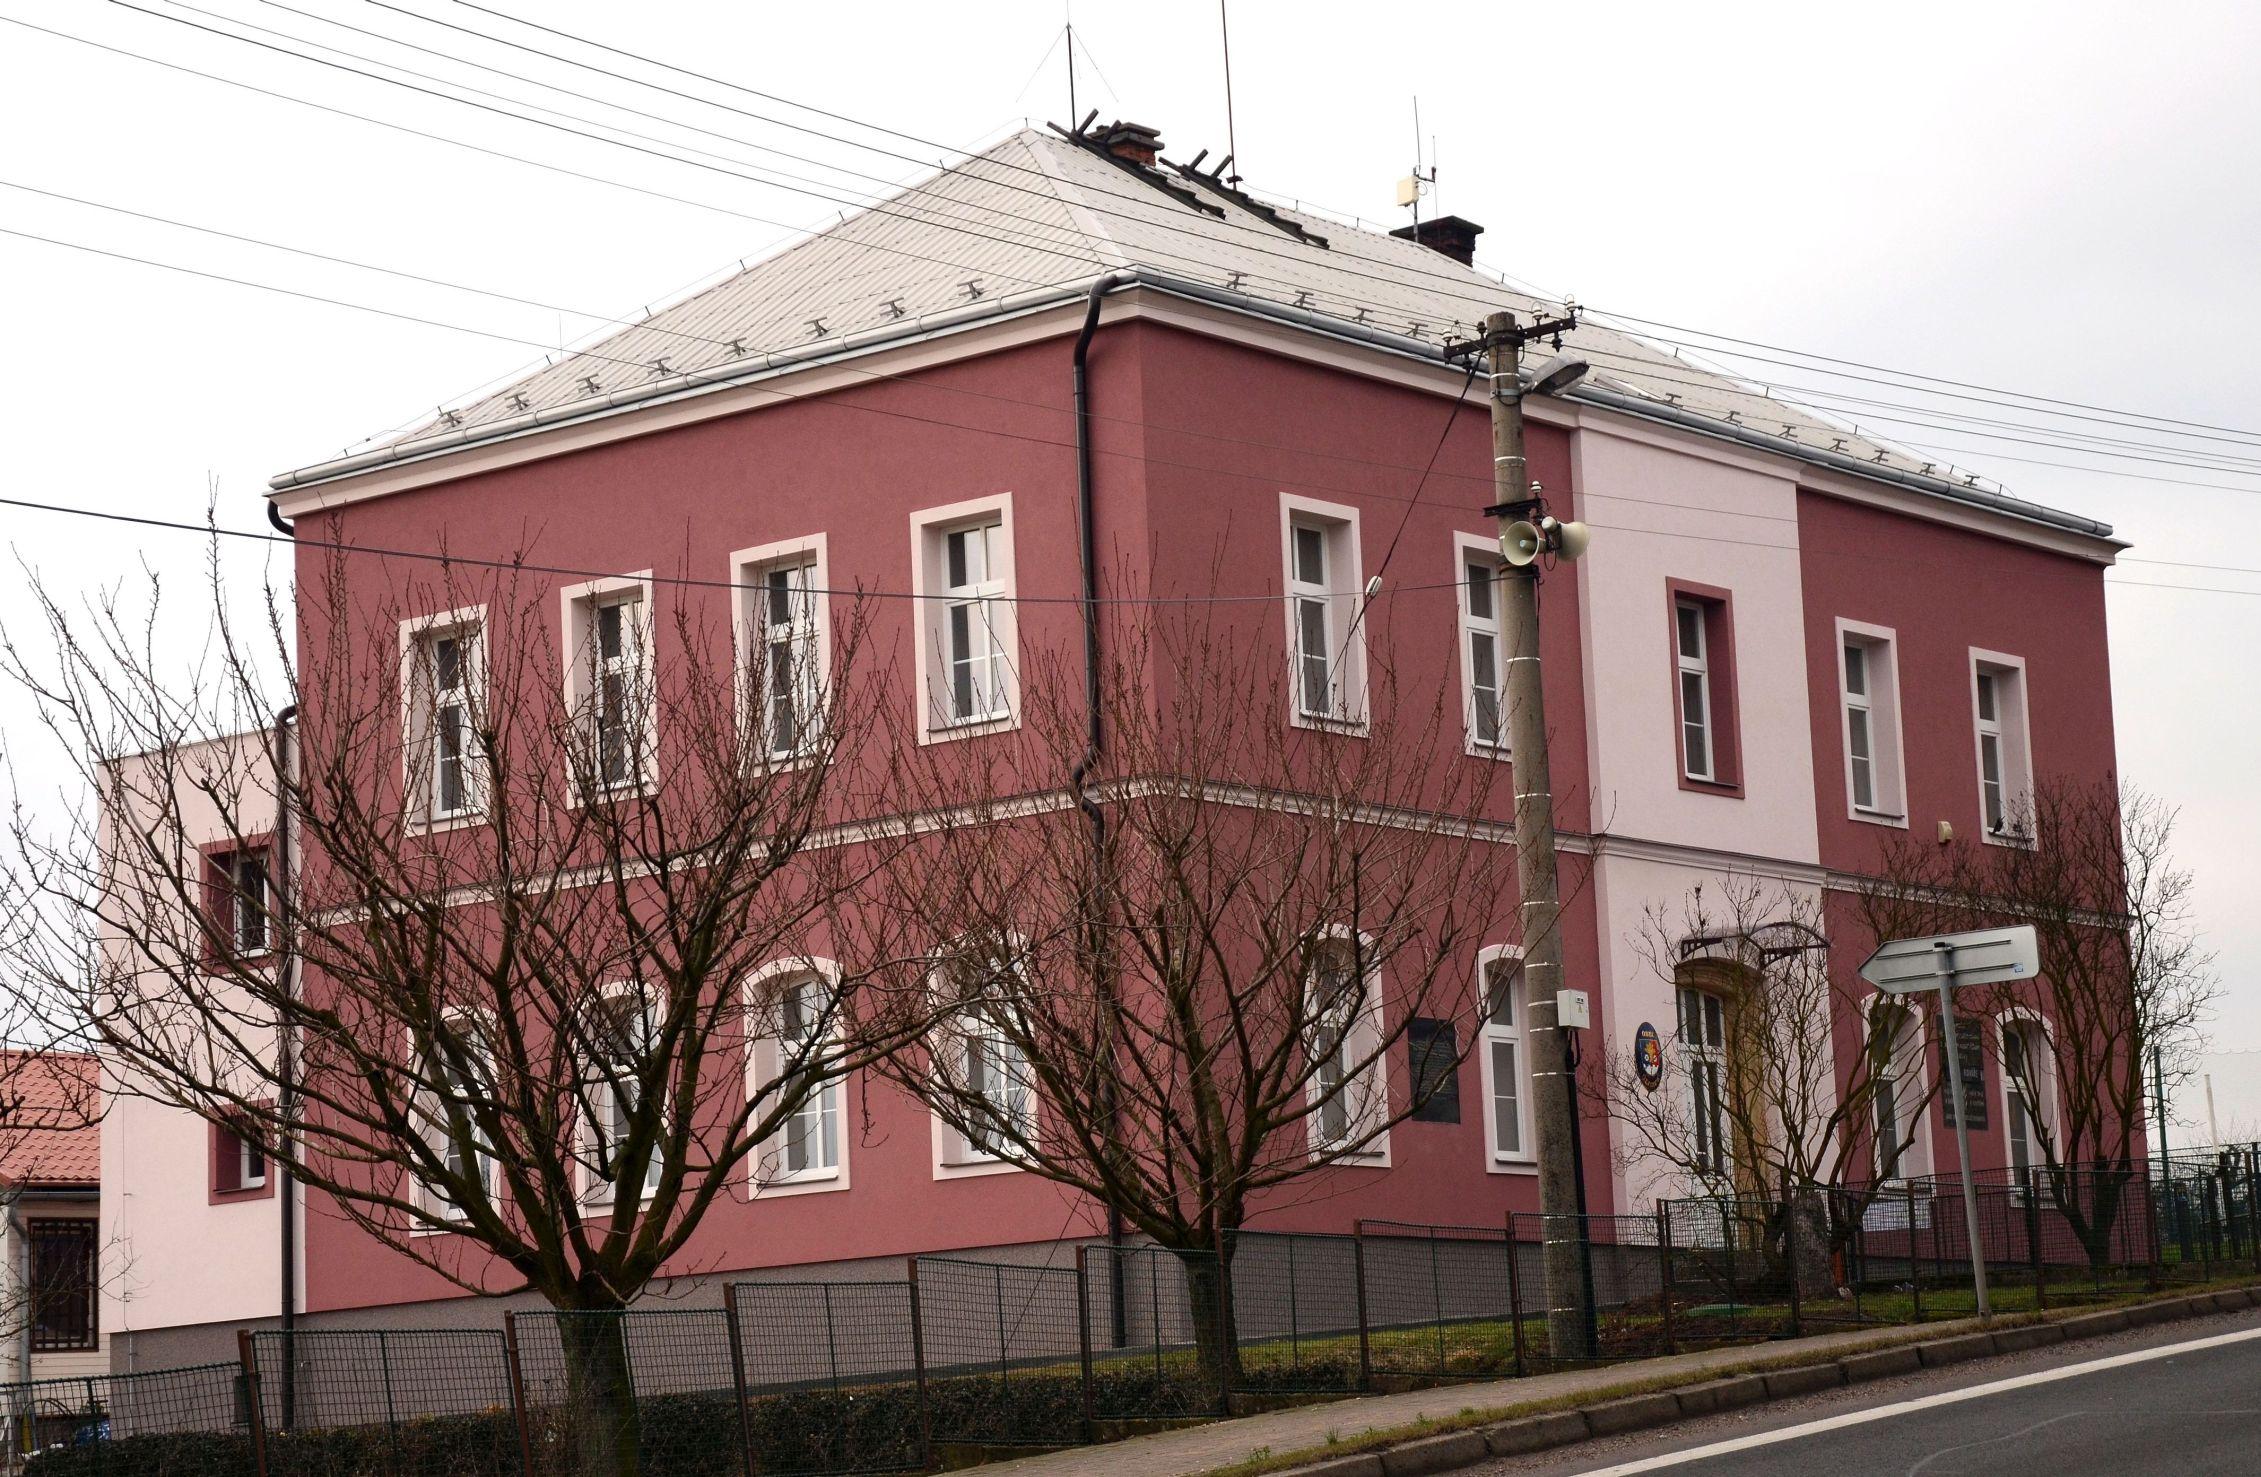 OBRÁZEK : budova.jpg